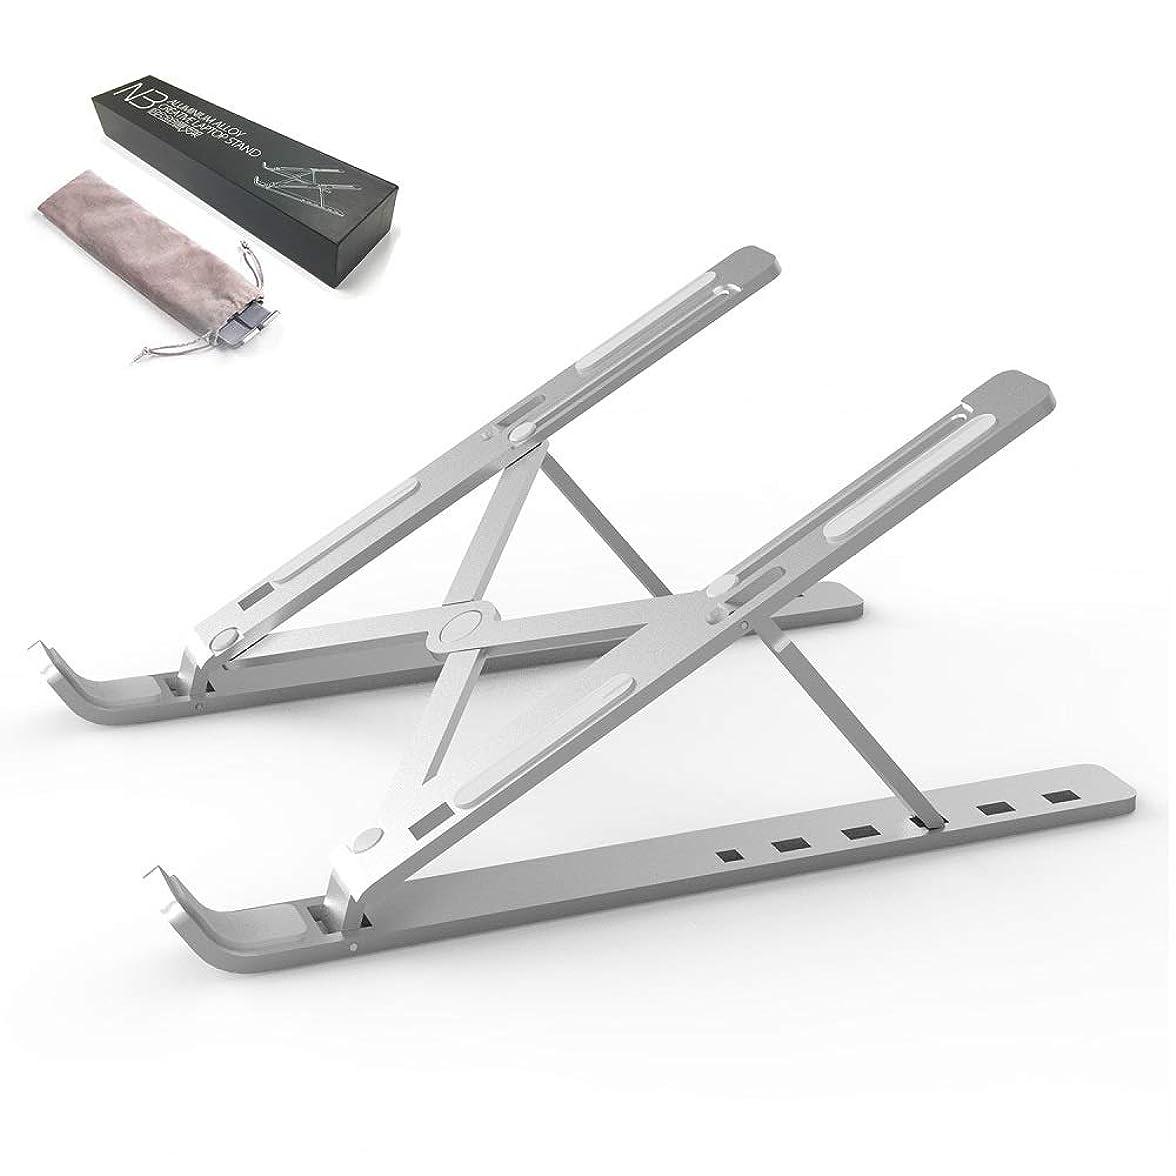 ほのめかす宿泊彼Twelve South HiRise Adjustable Stand for Apple MacBook Pro/MacBook Air and New Macbook Pro Retina